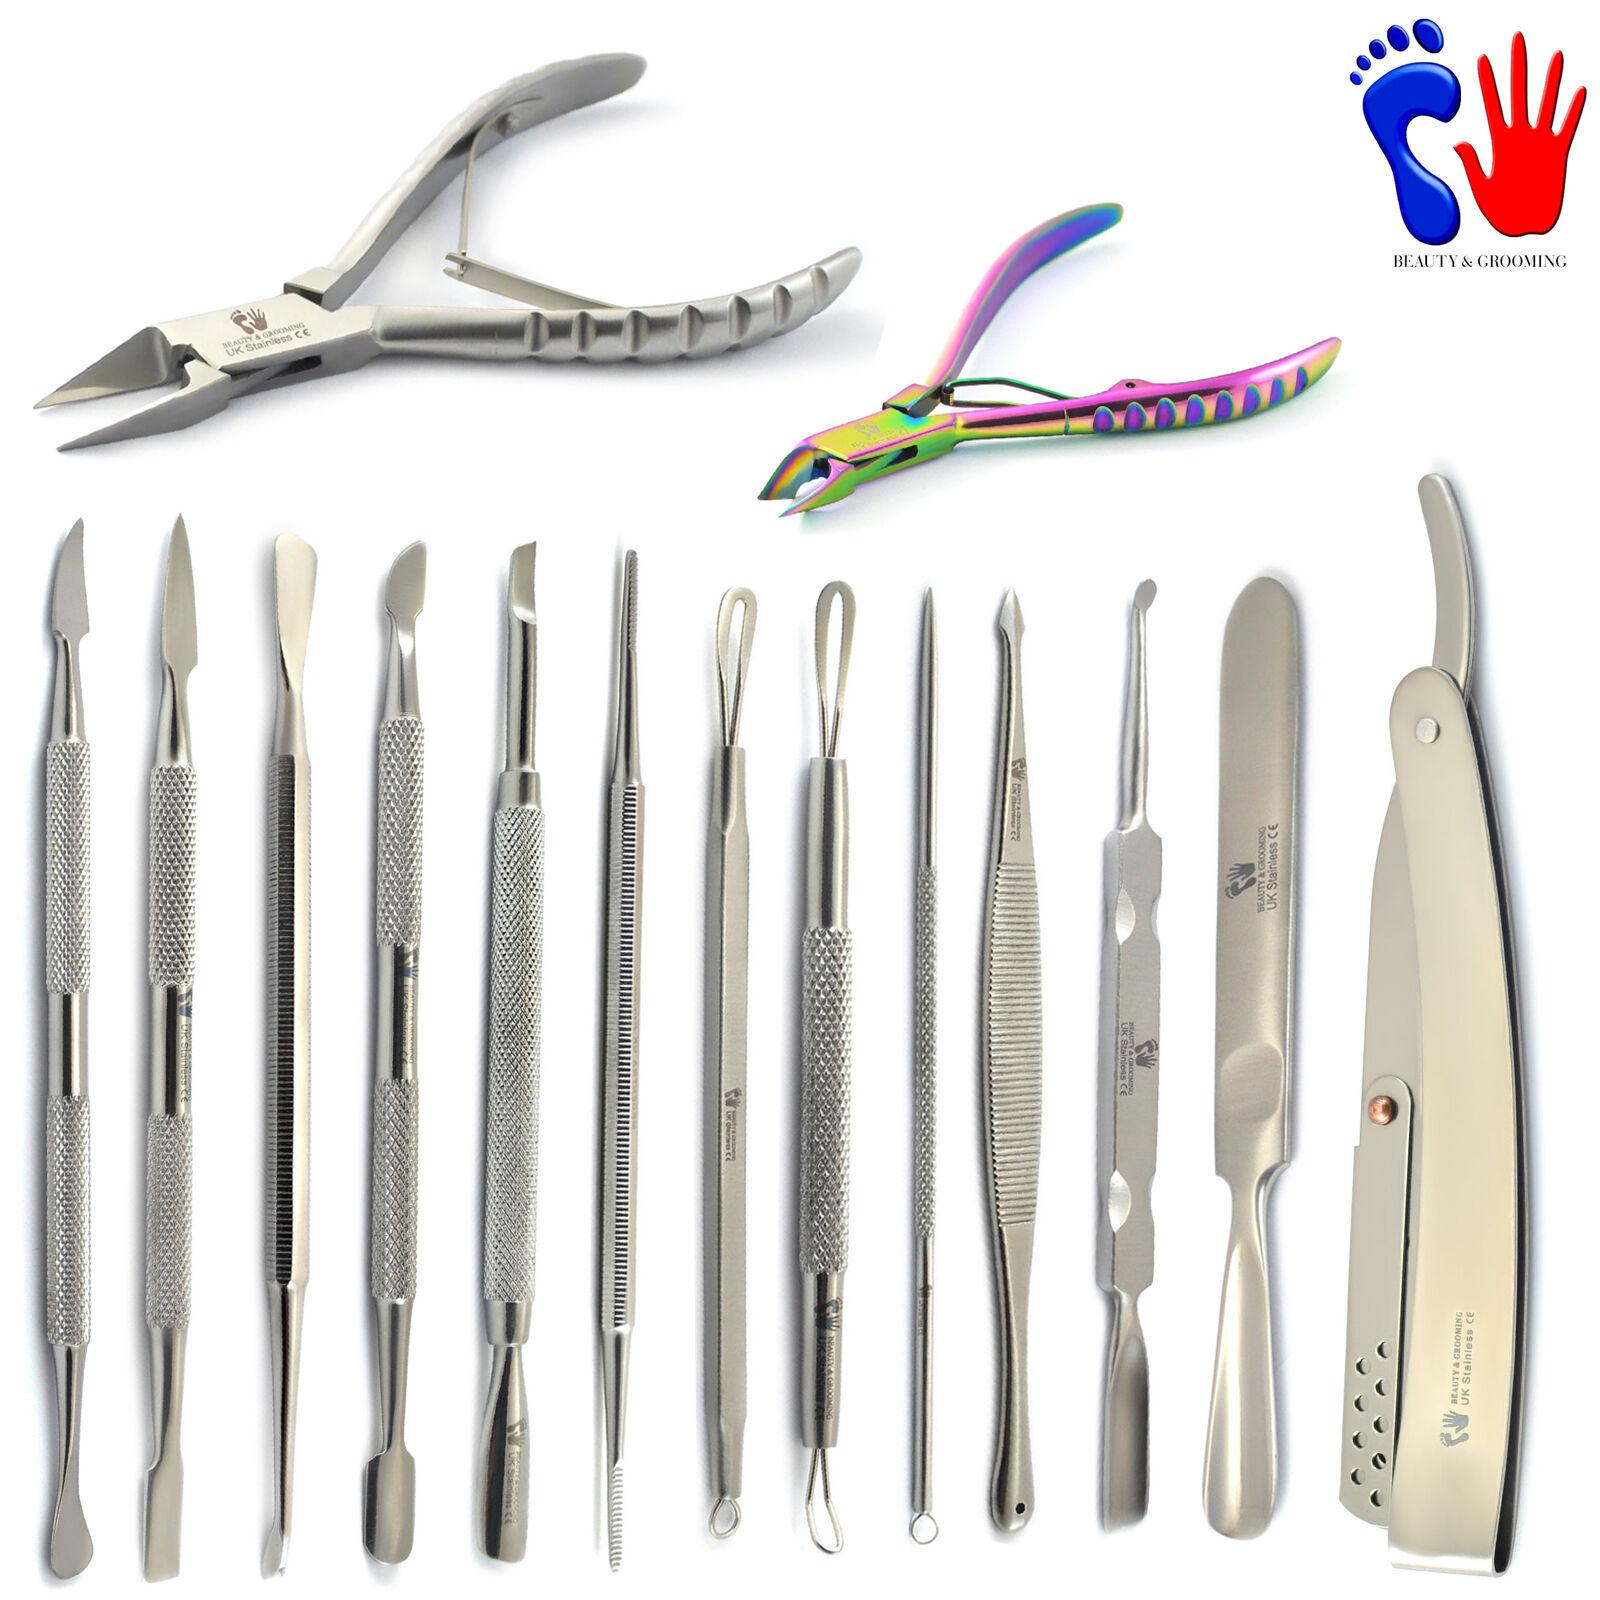 Gamma Di Manicure Pedicure Kit Rimozione Della Cuticola Per Spingere, Grattare